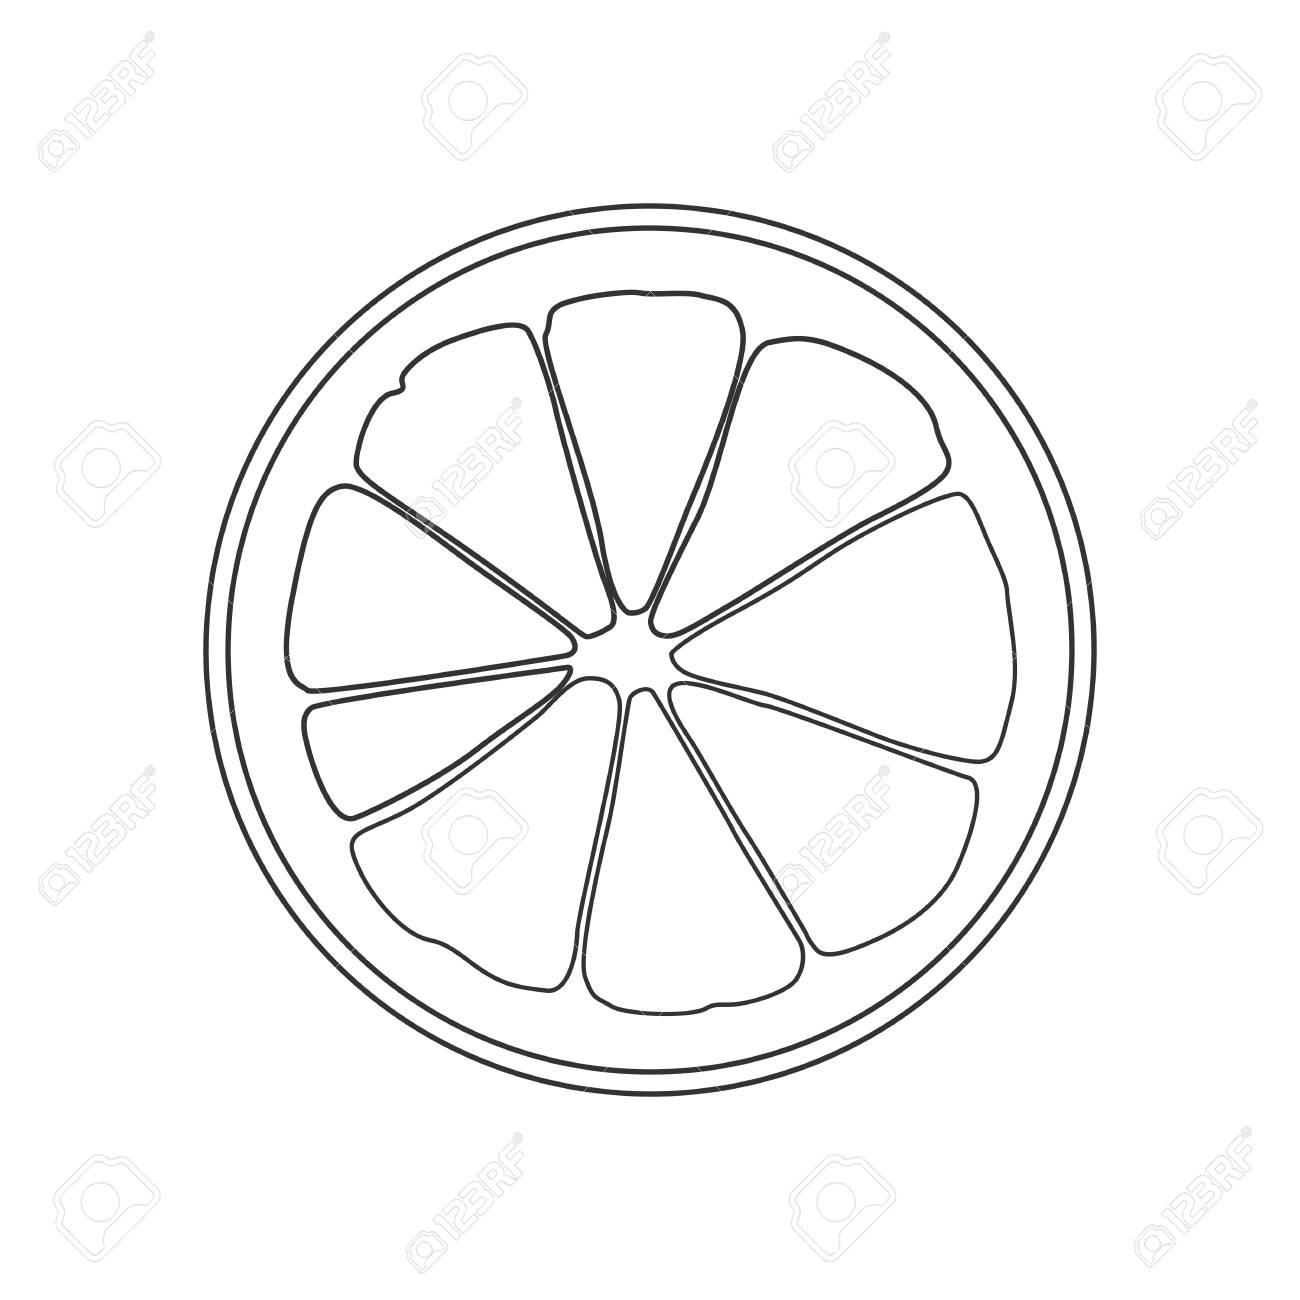 Isolated Black Outline Round Slice Of Citrus Lemon Orange Or Grapefruit On White Background